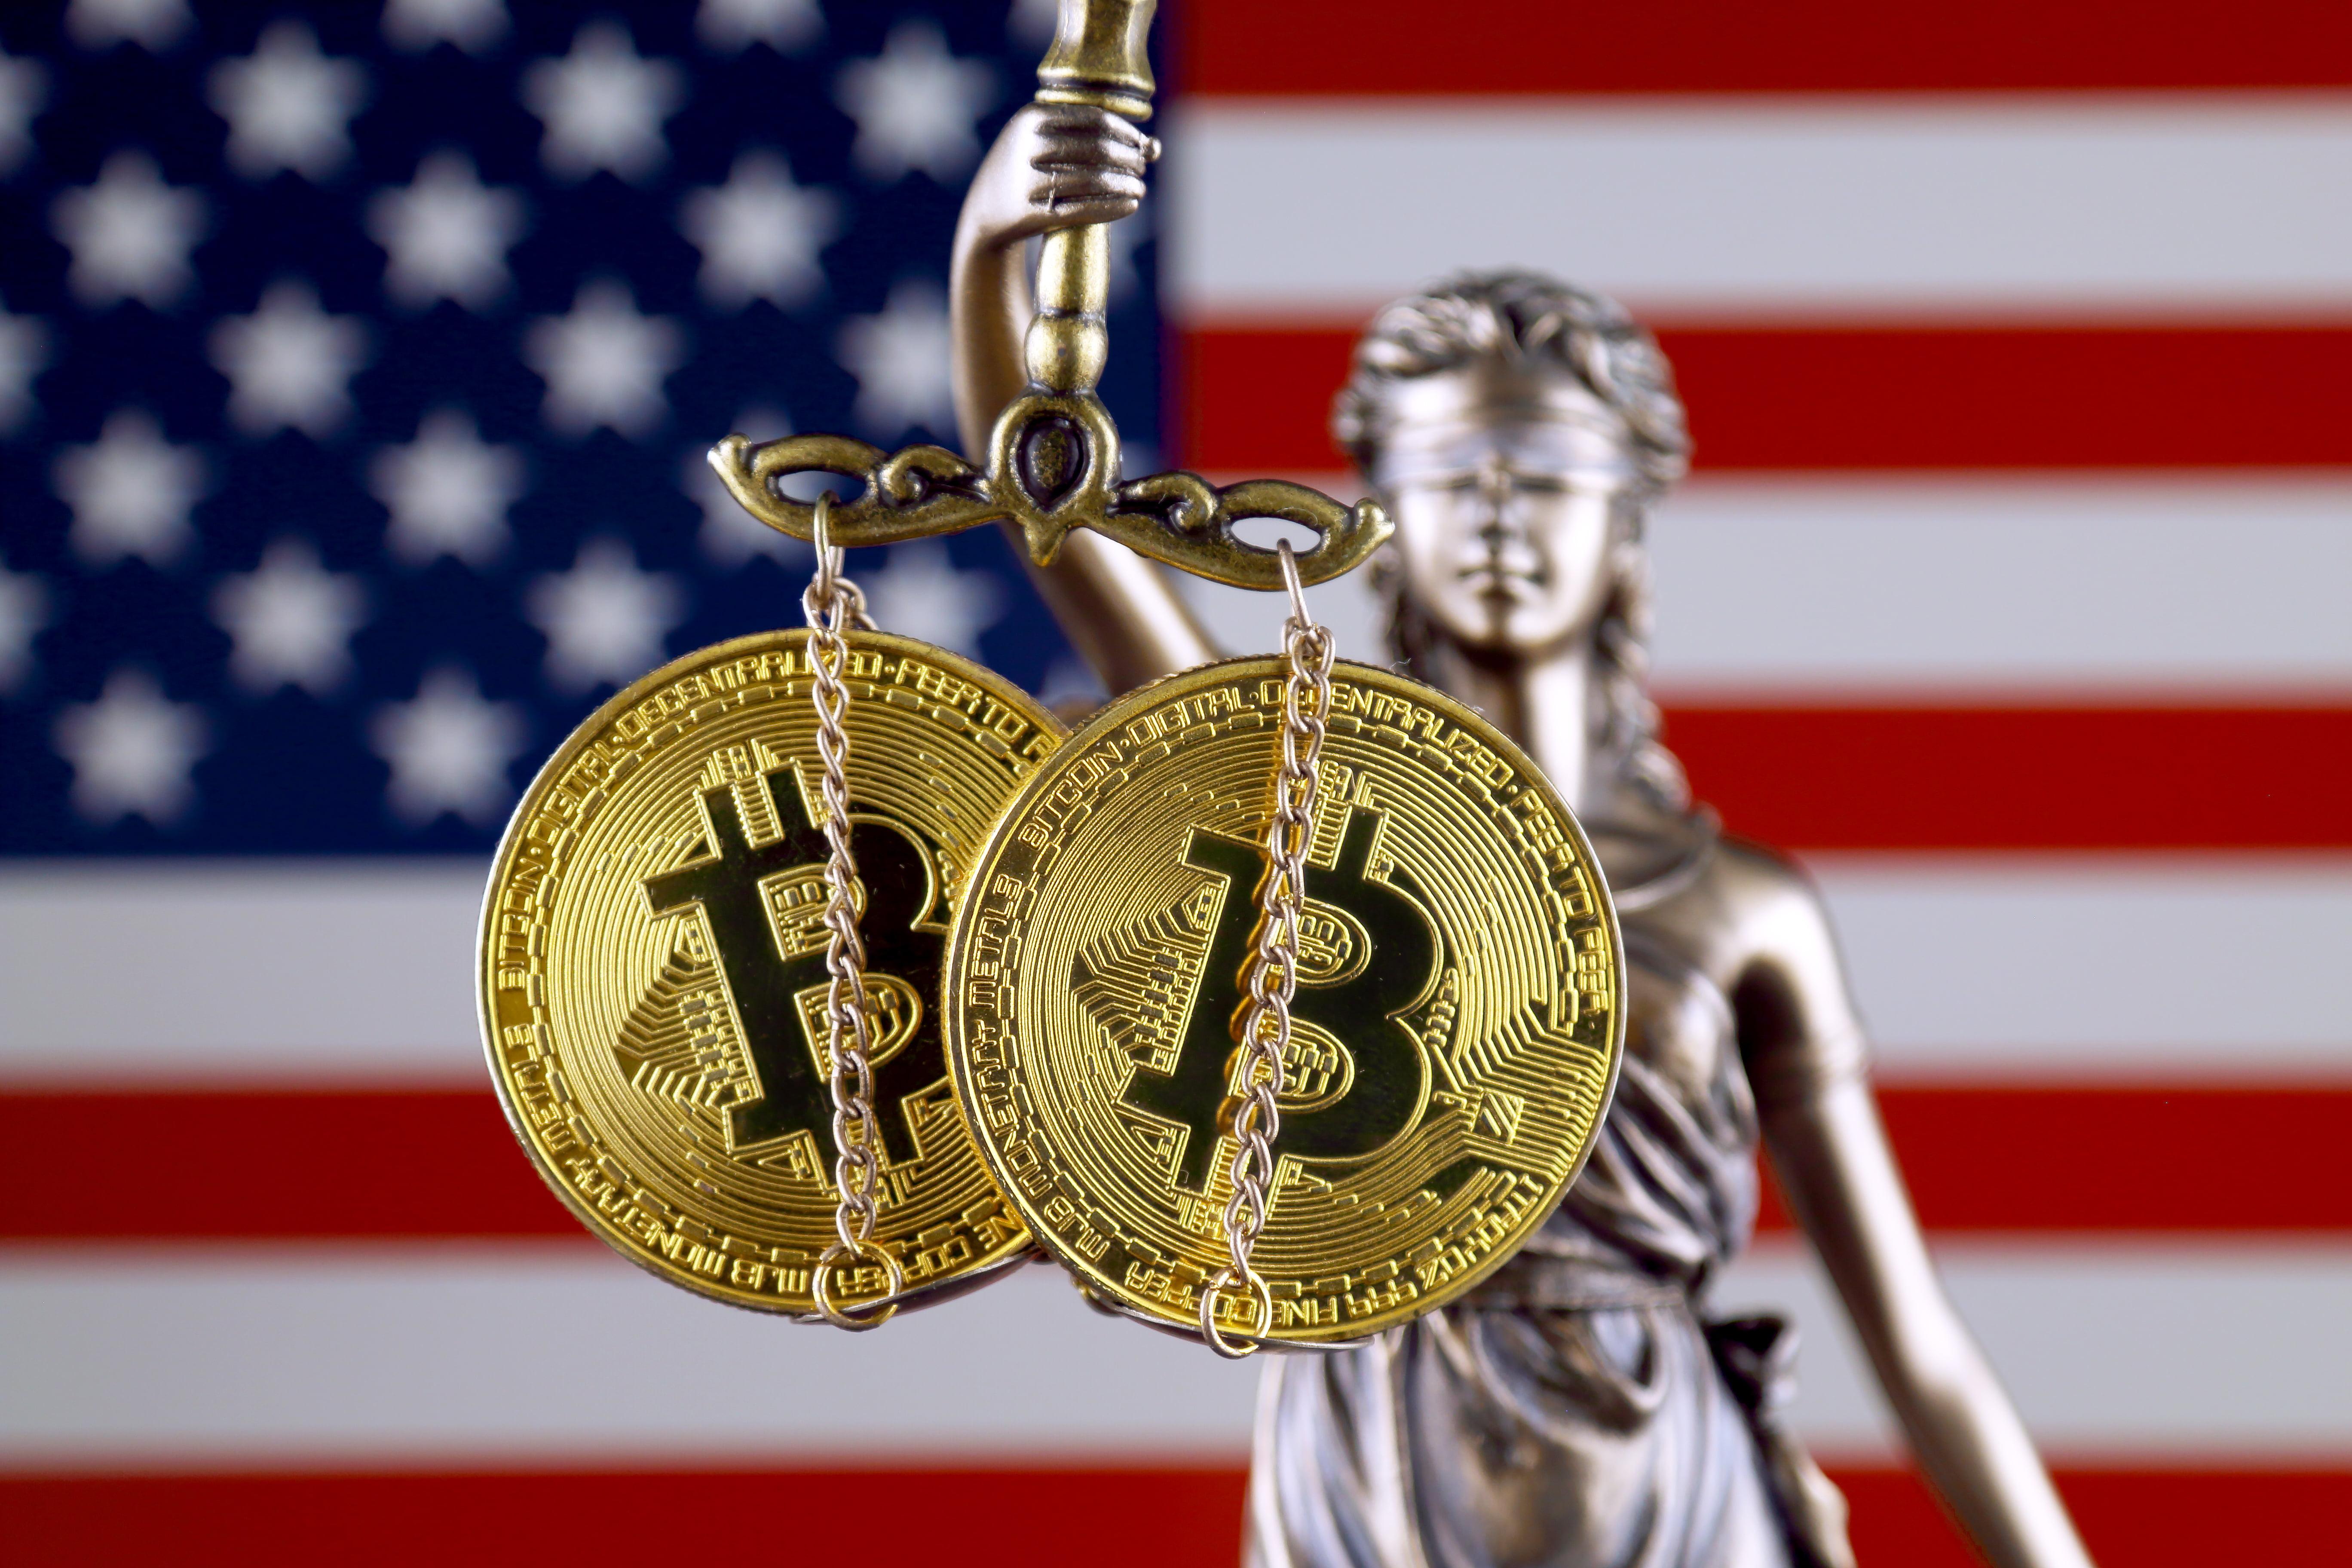 veiksmai prekiauti bitcoin gekko btc rinkos